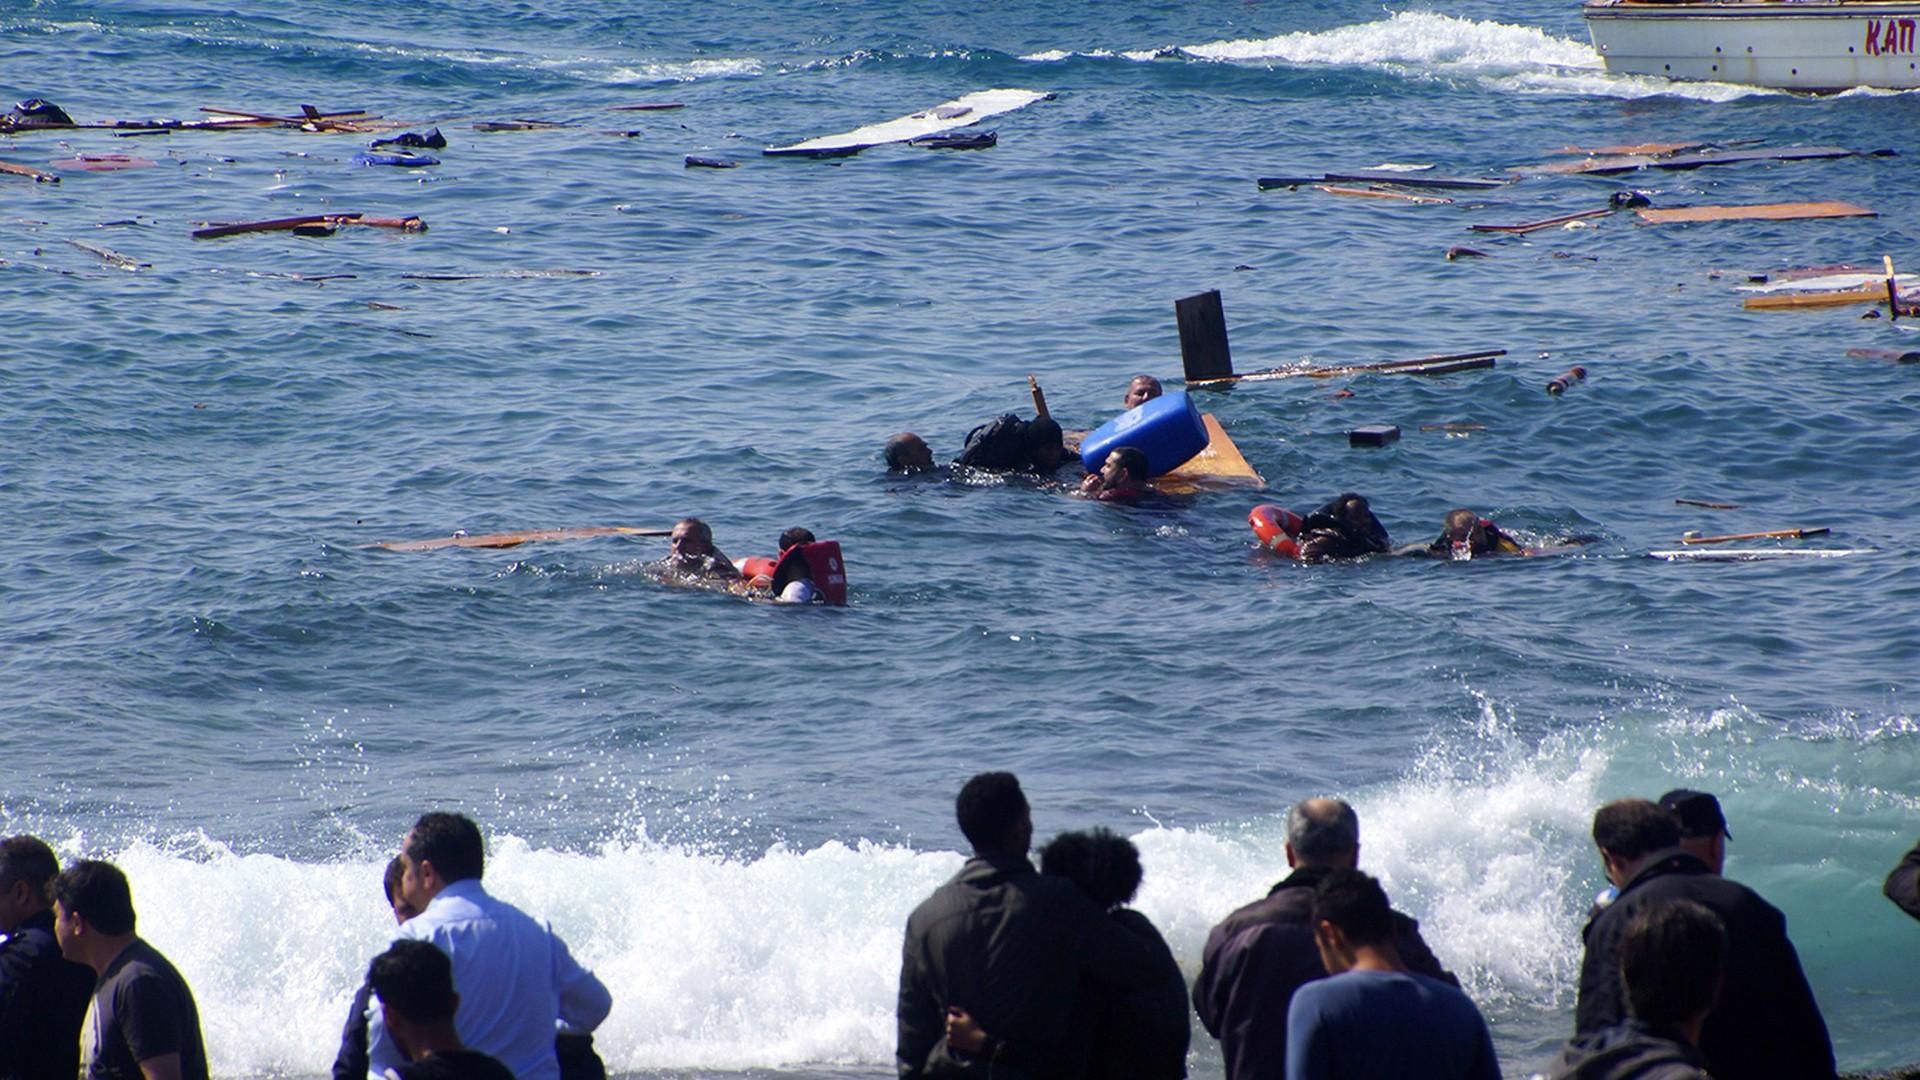 غرق 155 مهاجرا قبالة سواحل ليبيا